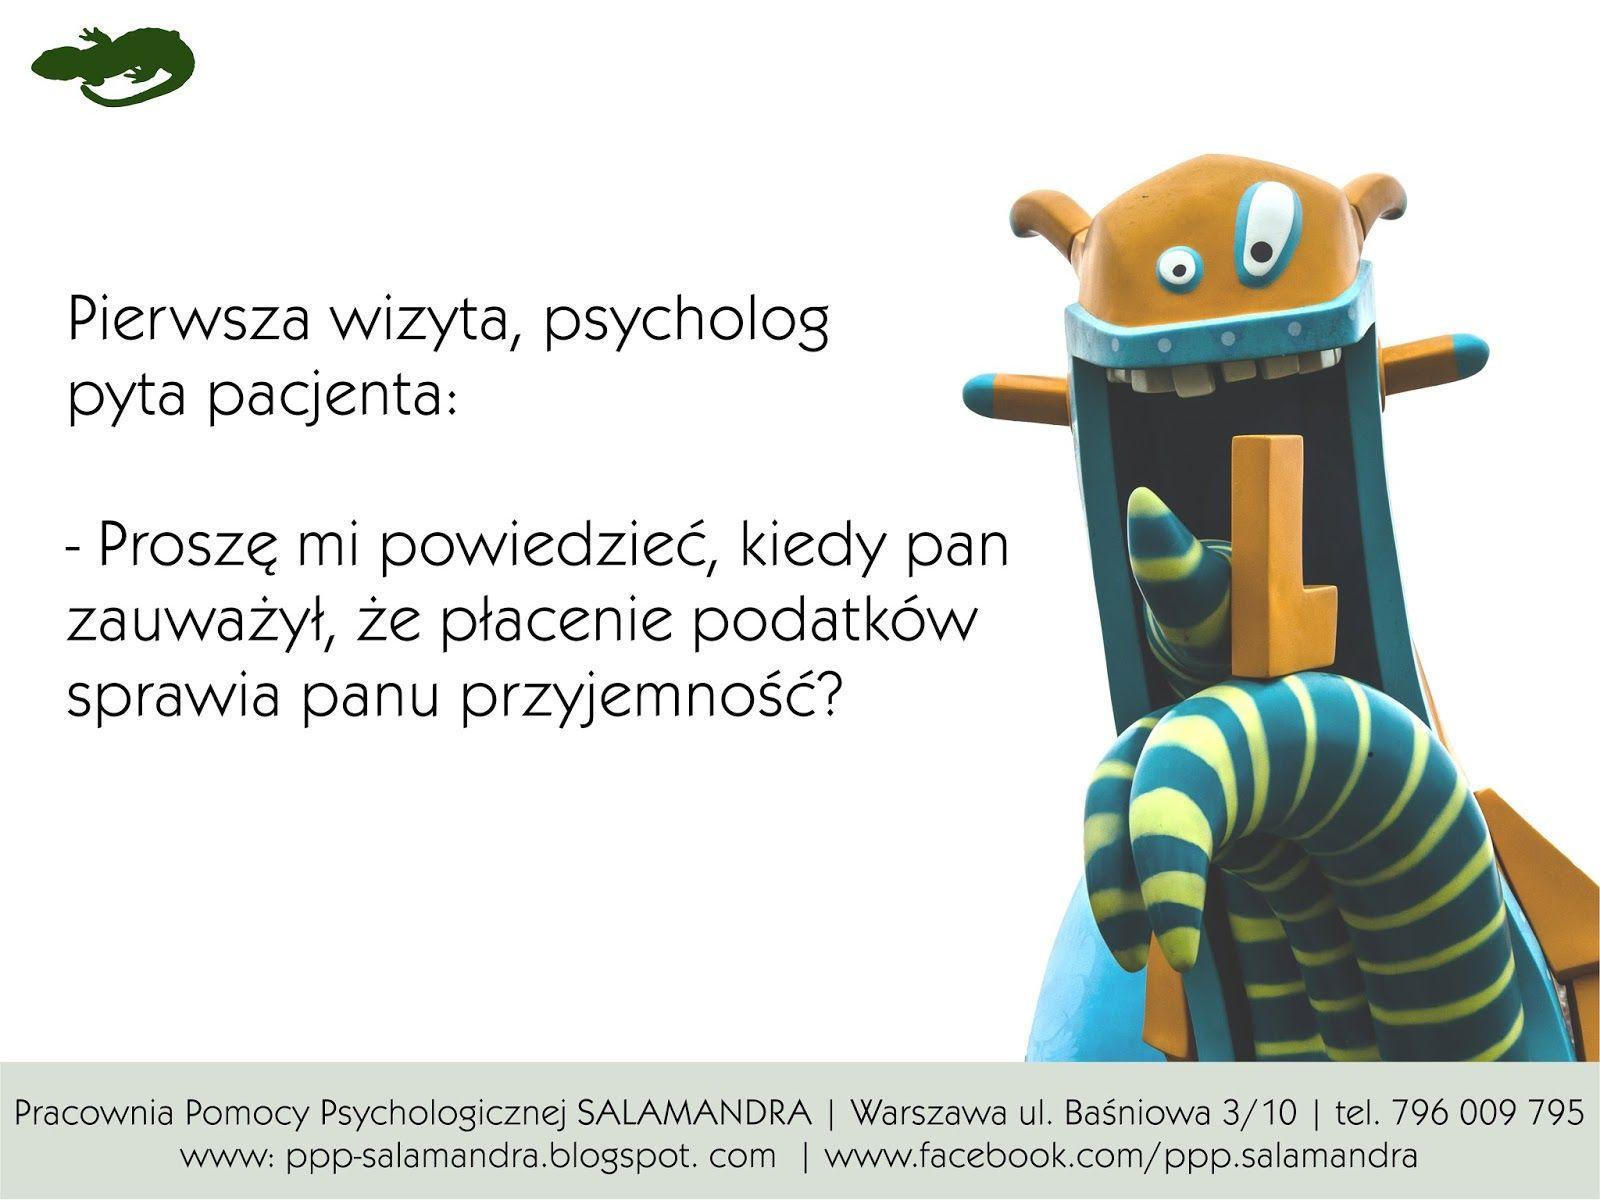 Pracownia Pomocy Psychologicznej SALAMANDRA - Dobry psycholog Warszawa - Elżbieta Grabarczyk